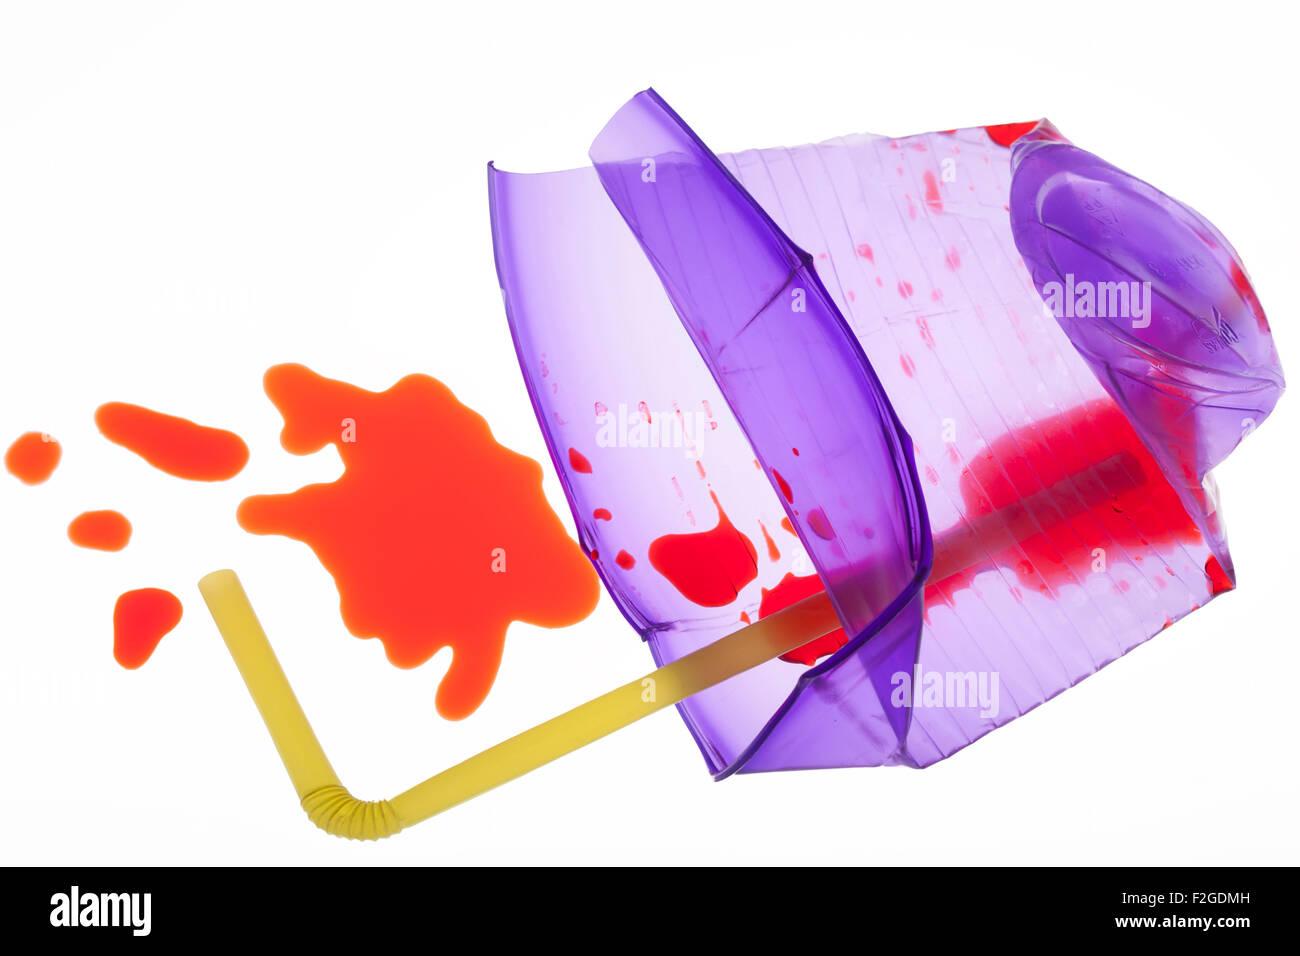 Fracassato traslucidi viola cup con giallo paglierino con liquido rosso riversandosi su bianco luce casella Immagini Stock